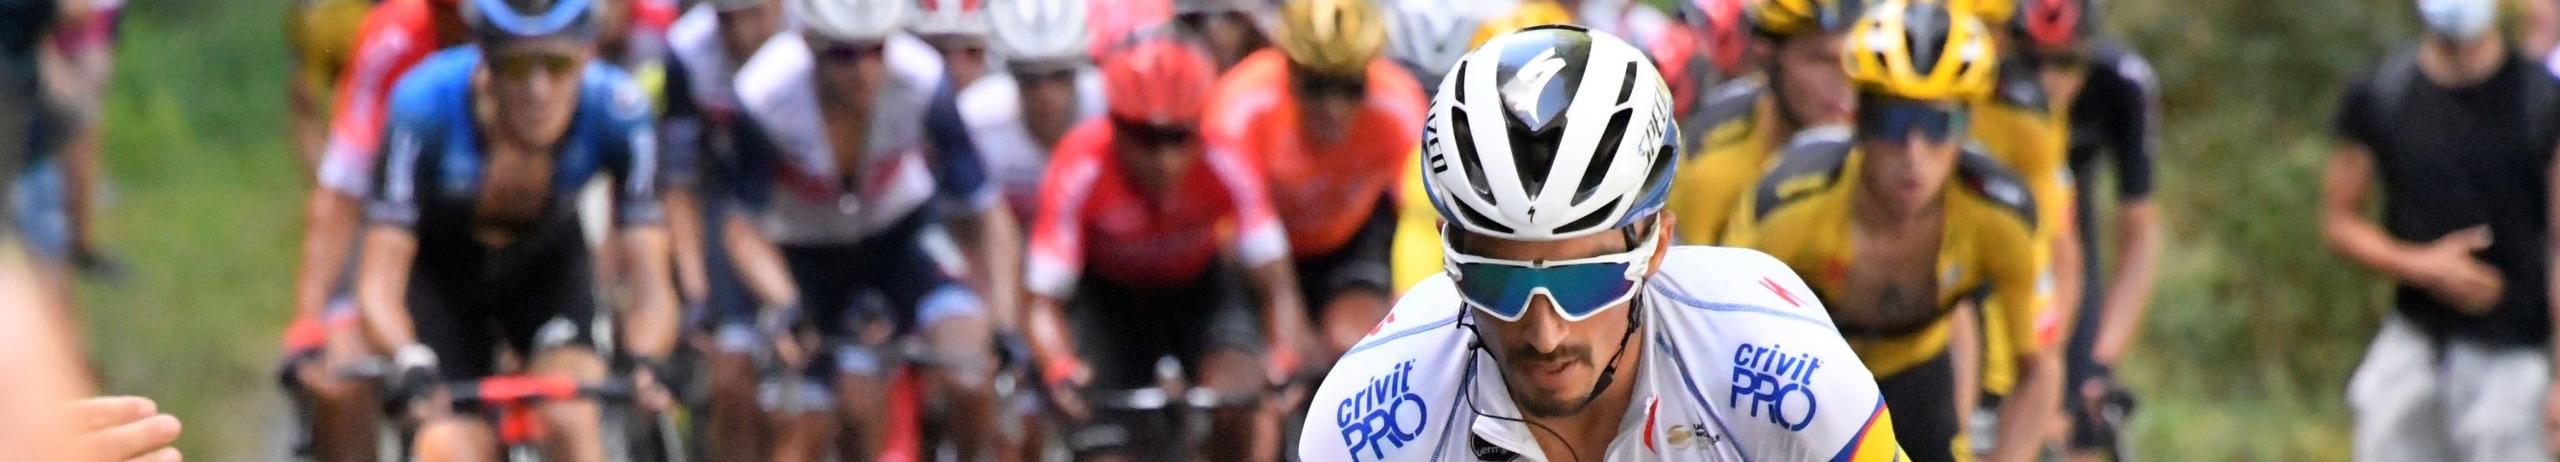 Tour de France 2020, quote e favoriti per la tappa 13: big sotto esame